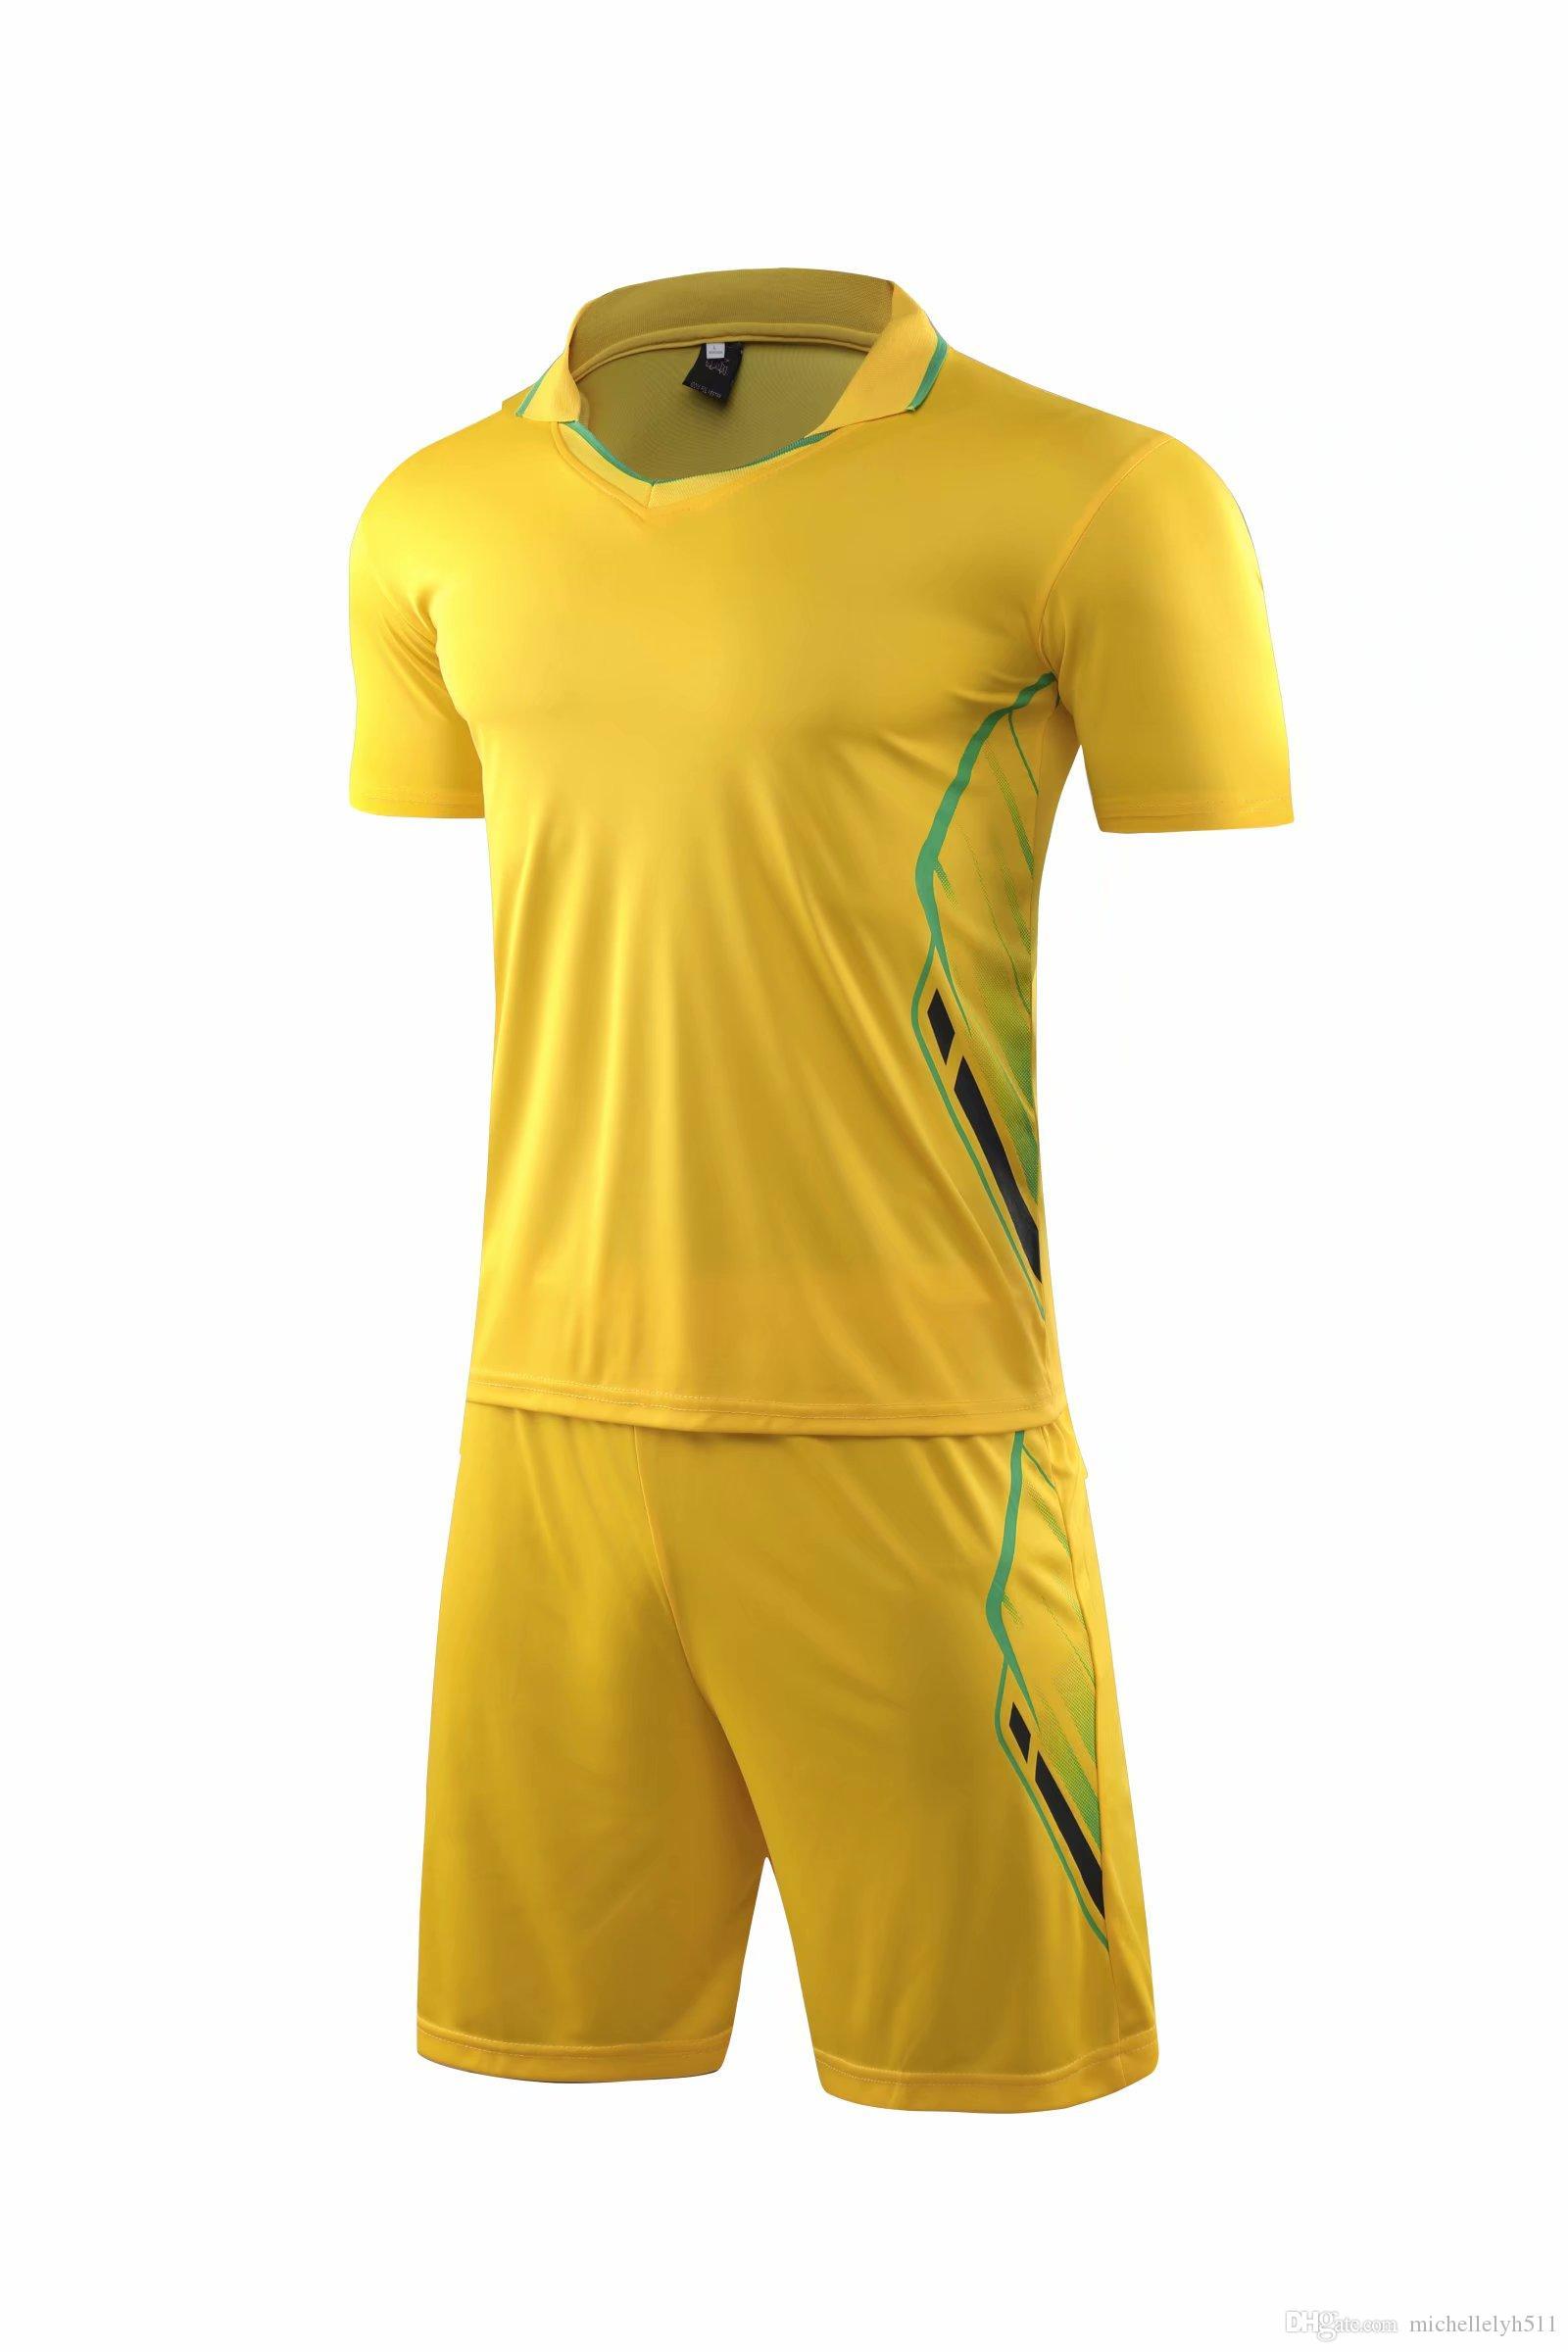 710 dos homens camisas de futebol personalizada uniformes do Amarelo Adulto kit de futebol pessoal calções jérsei DIY Nome Futbol Club ternos de treinamento de futebol